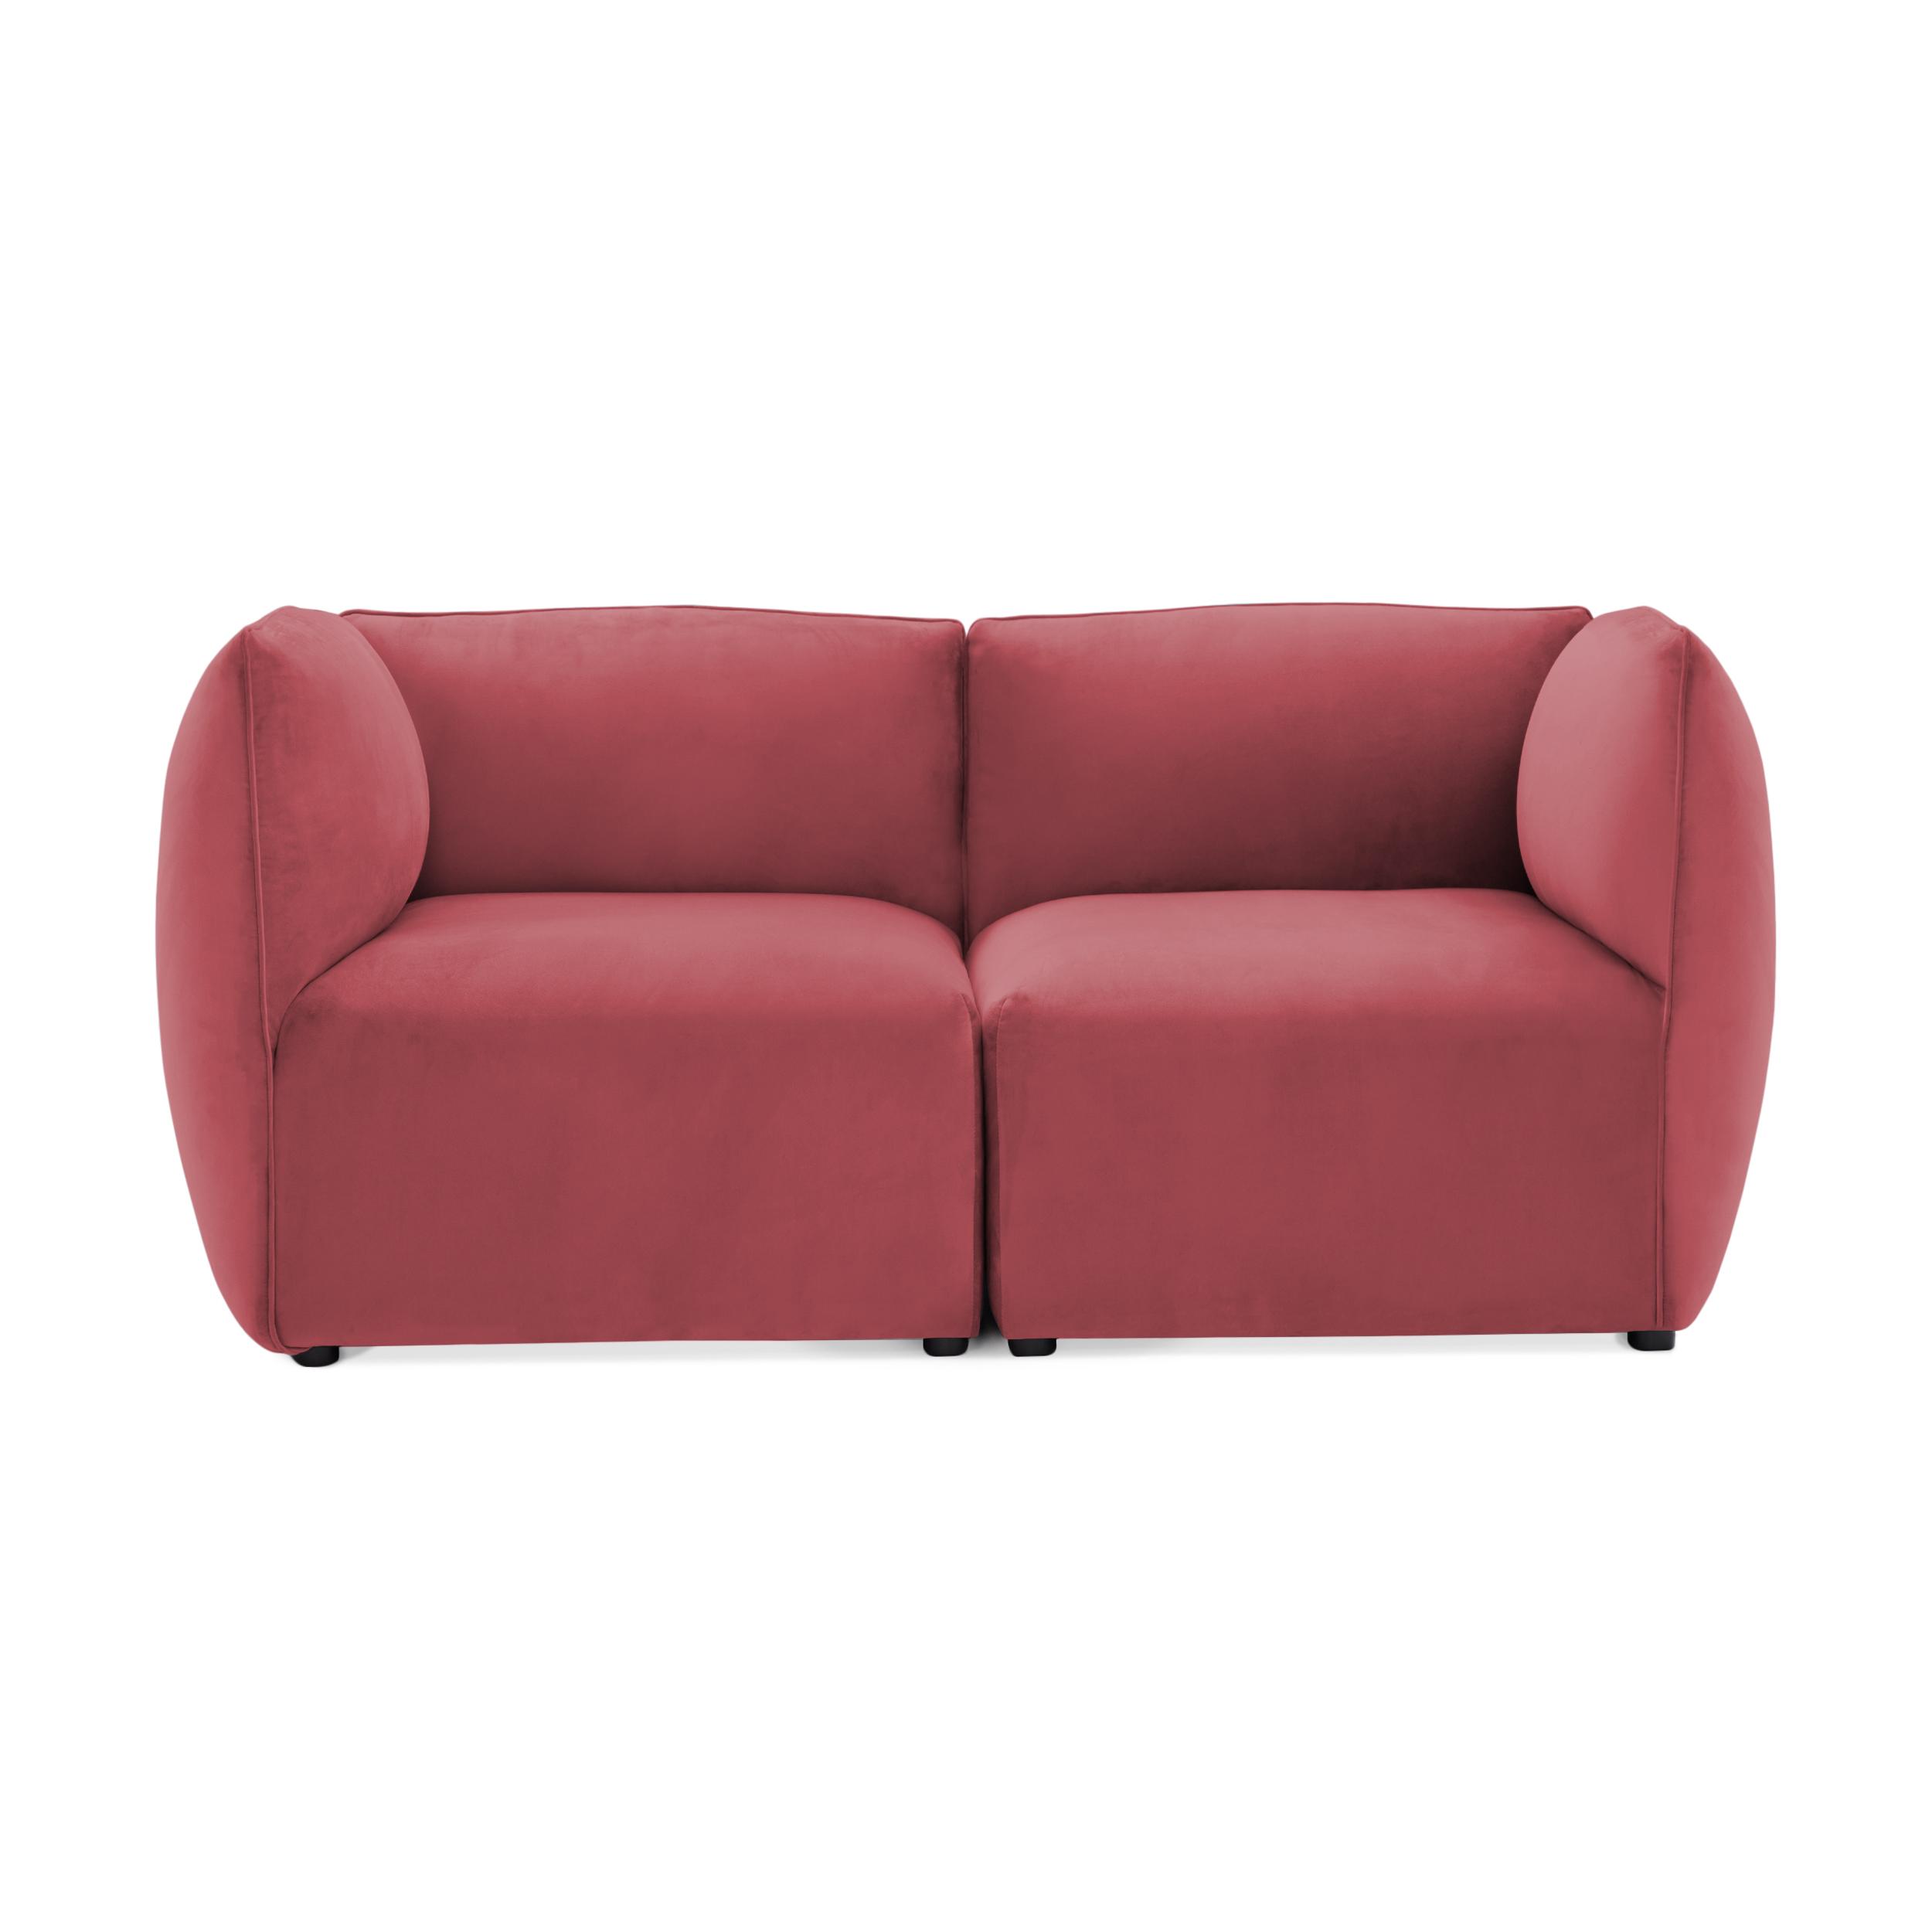 Canapea 2 locuri Cube Rusty Red